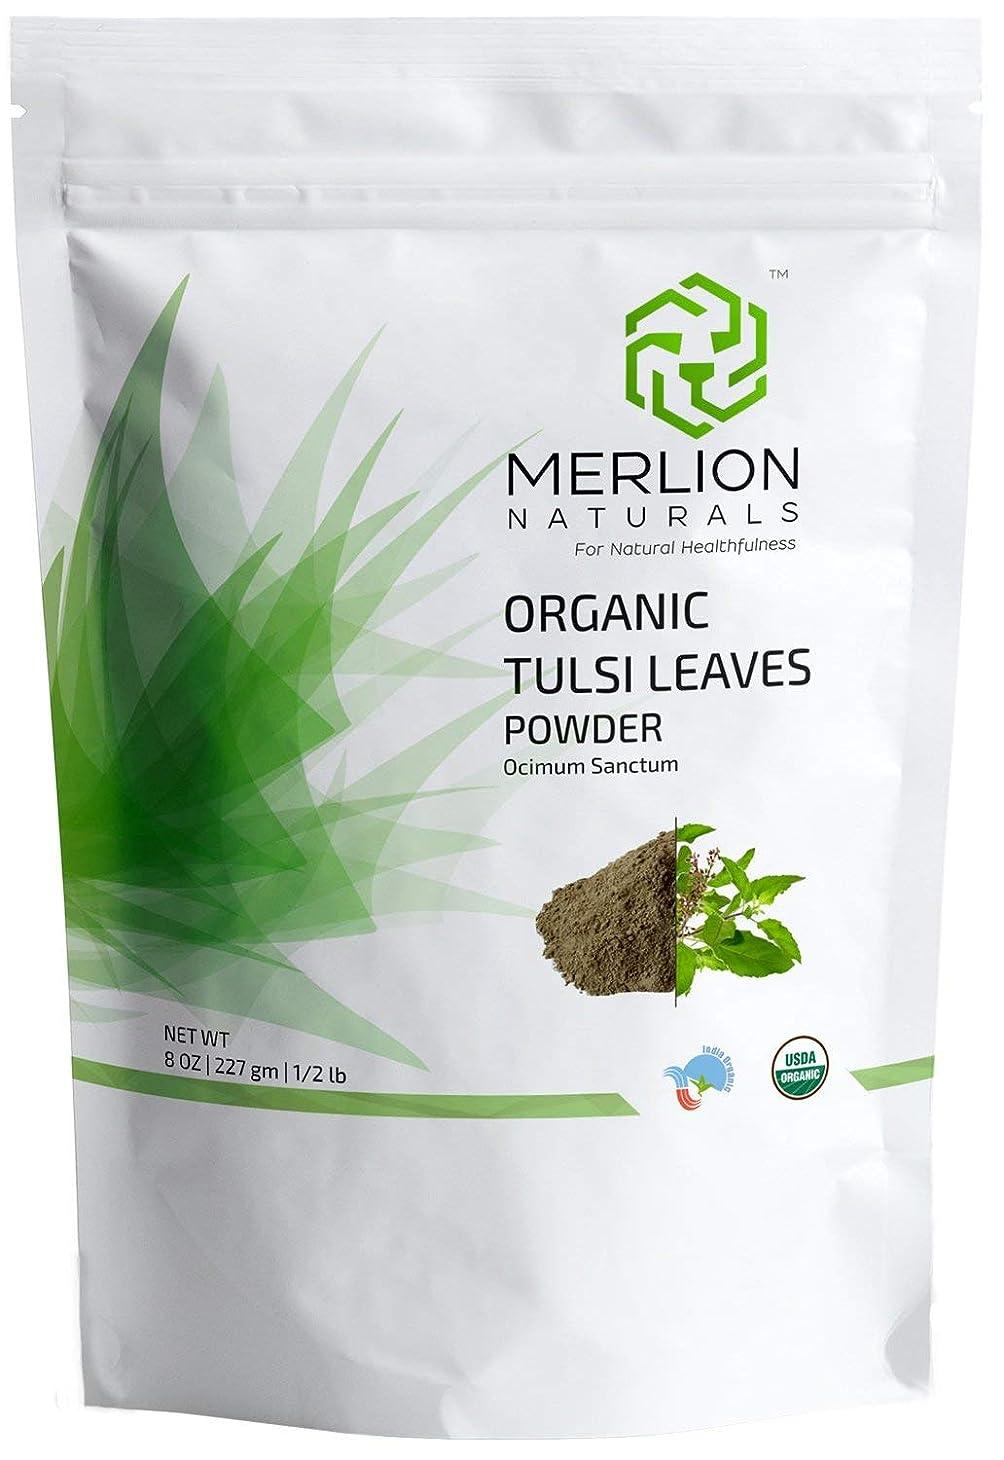 軽蔑する廊下上下する有機ヘルスケアによる有機トゥルシ葉パウダー(Ocimumサンクタム) - 227グラム/ 8 OZ / 1/2ポンド  USDA NOP認定100%オーガニック  ビーガン  非GMO